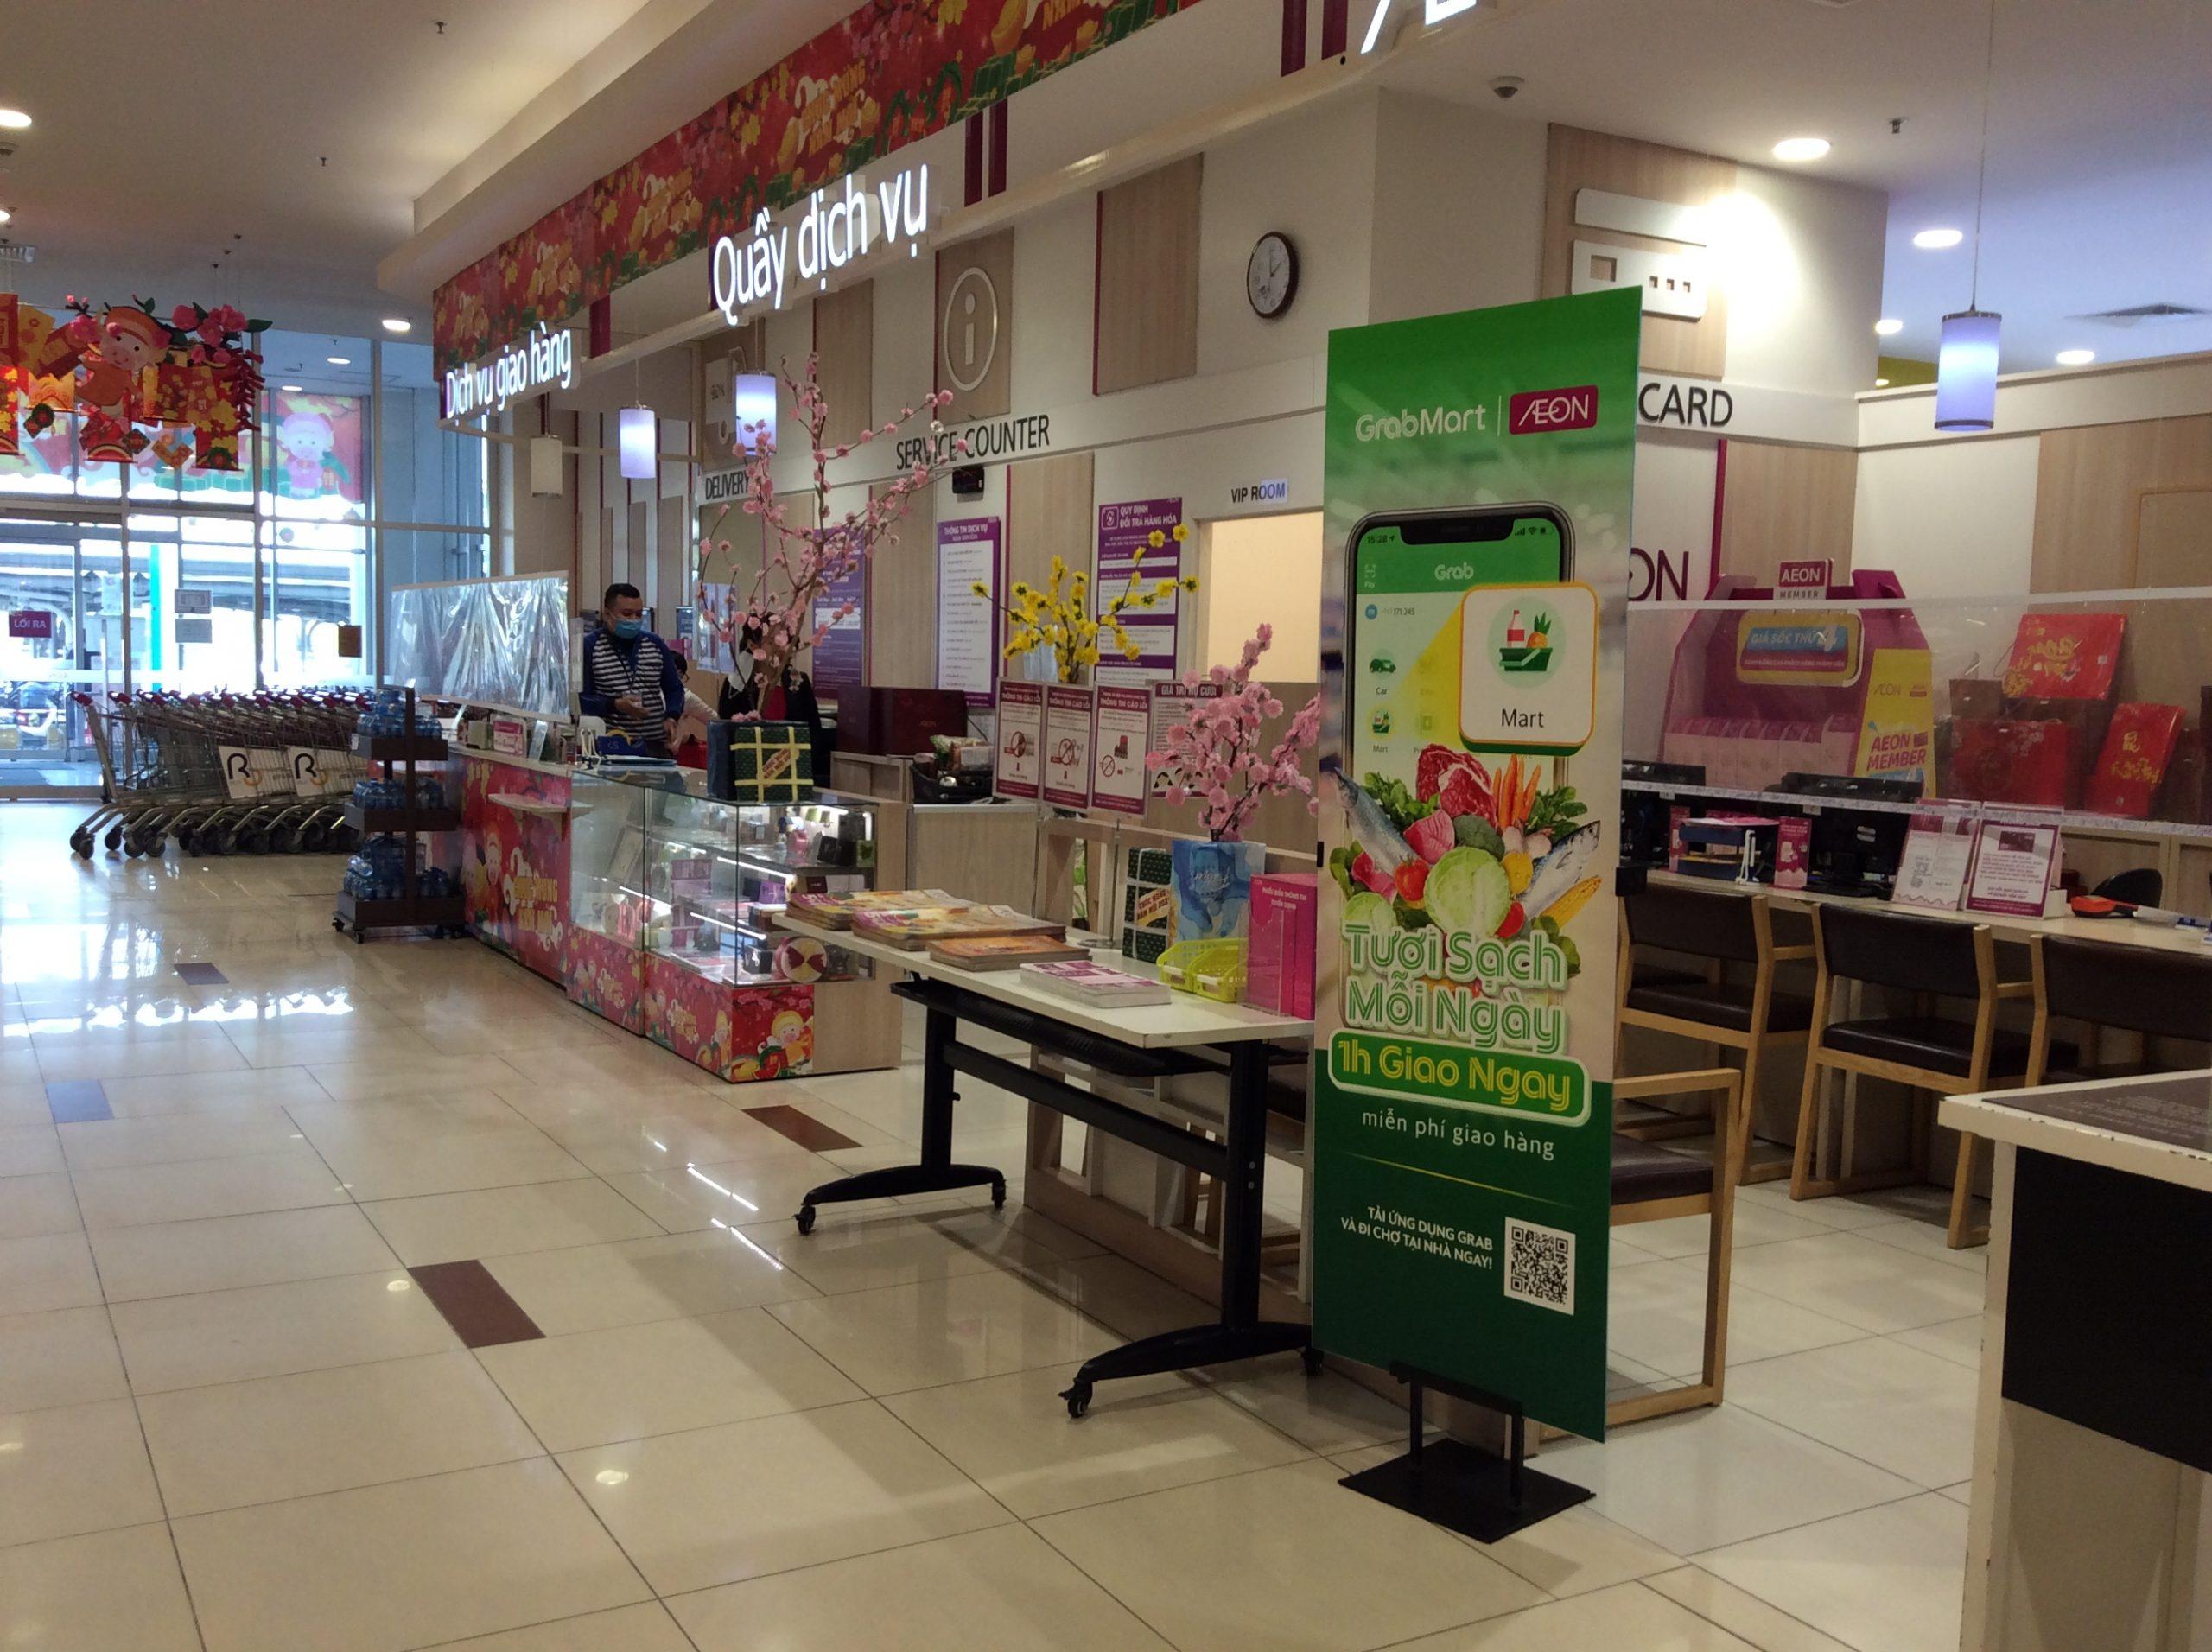 イオン_1階サービスセンター